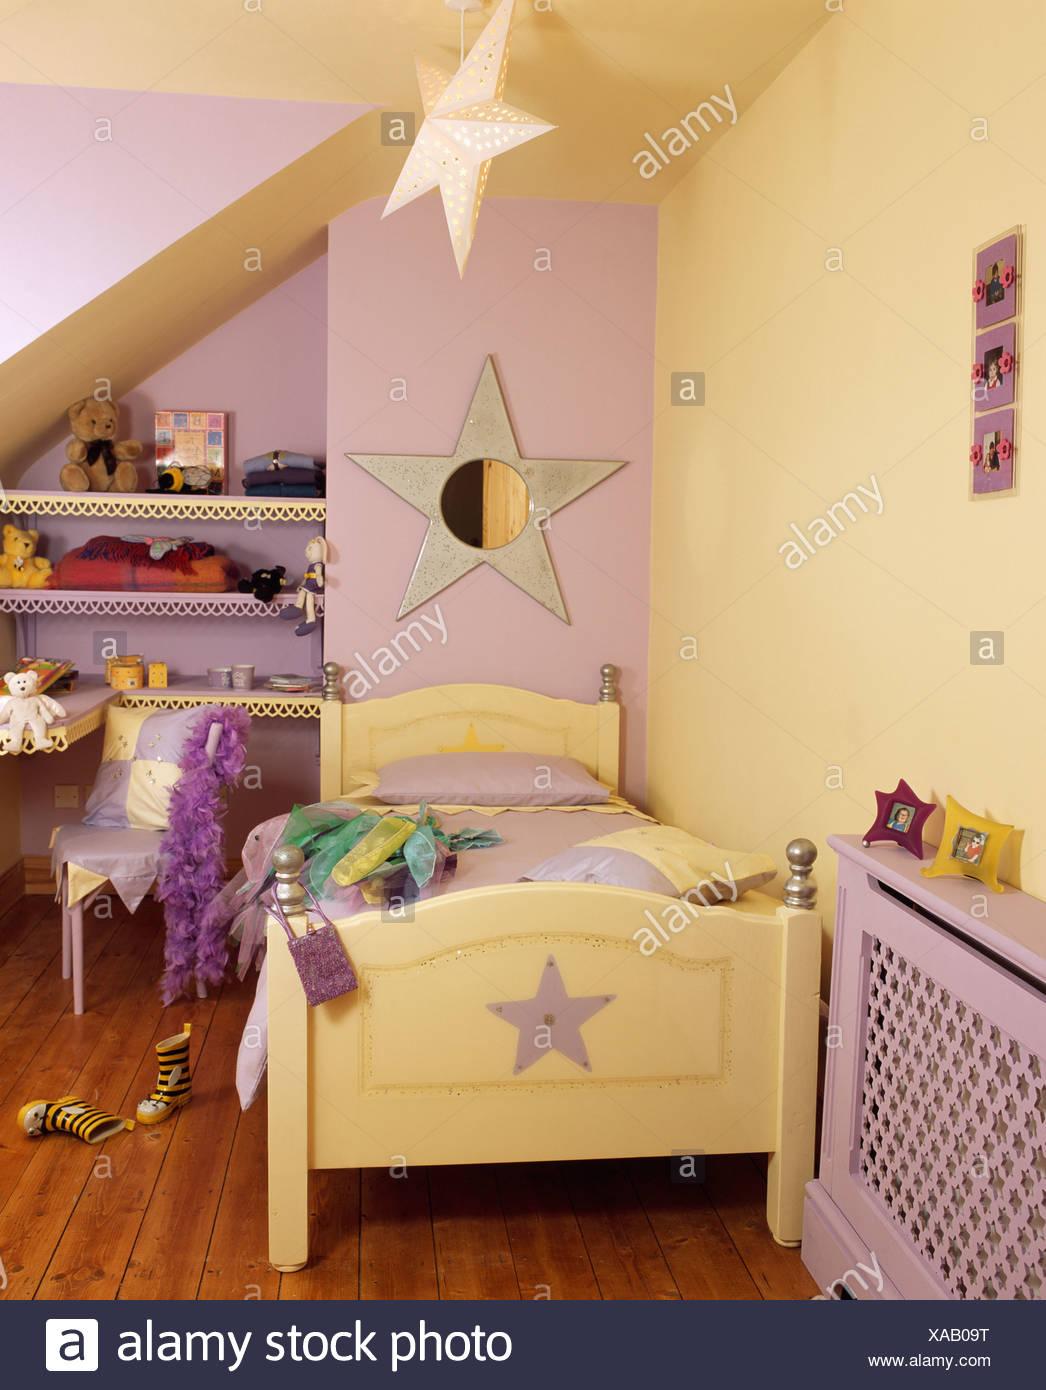 Kinderzimmer Mit Pastell Gelb Und Lila Wanden Und Blass Gelbe Bett